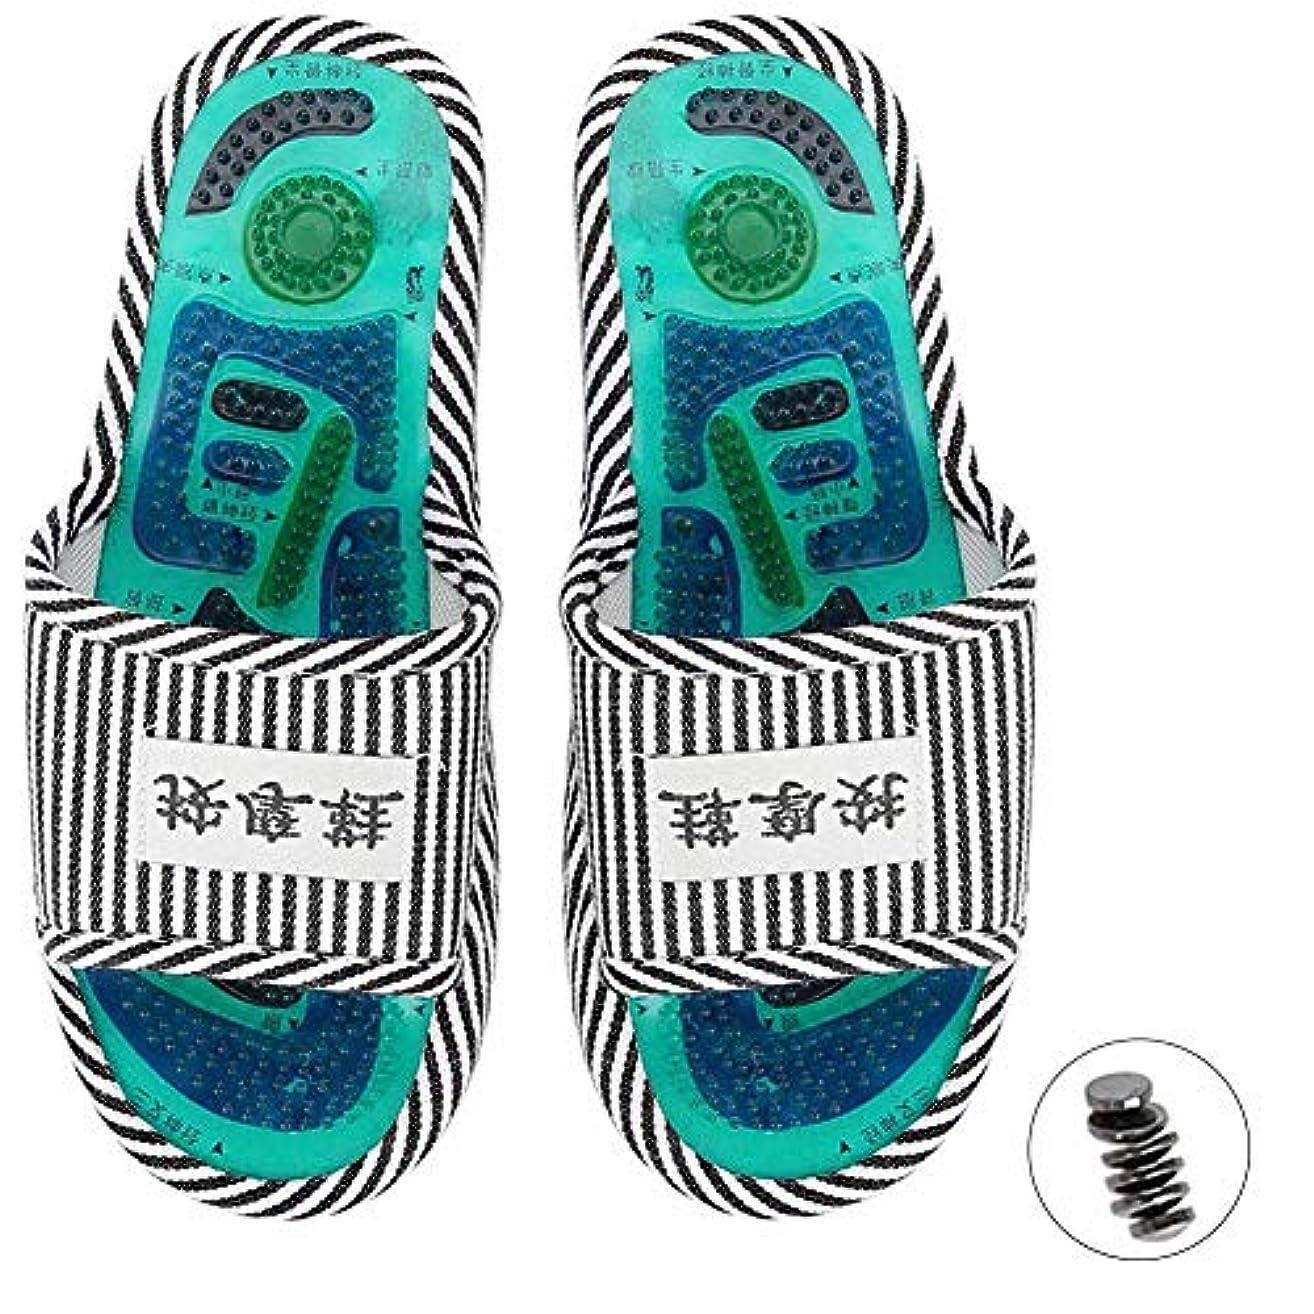 空白調査期待してマッサージスリッパ、足指圧マッサージ 磁気ストーン 健康な足のケア マッサージボール 男性女性用(1)